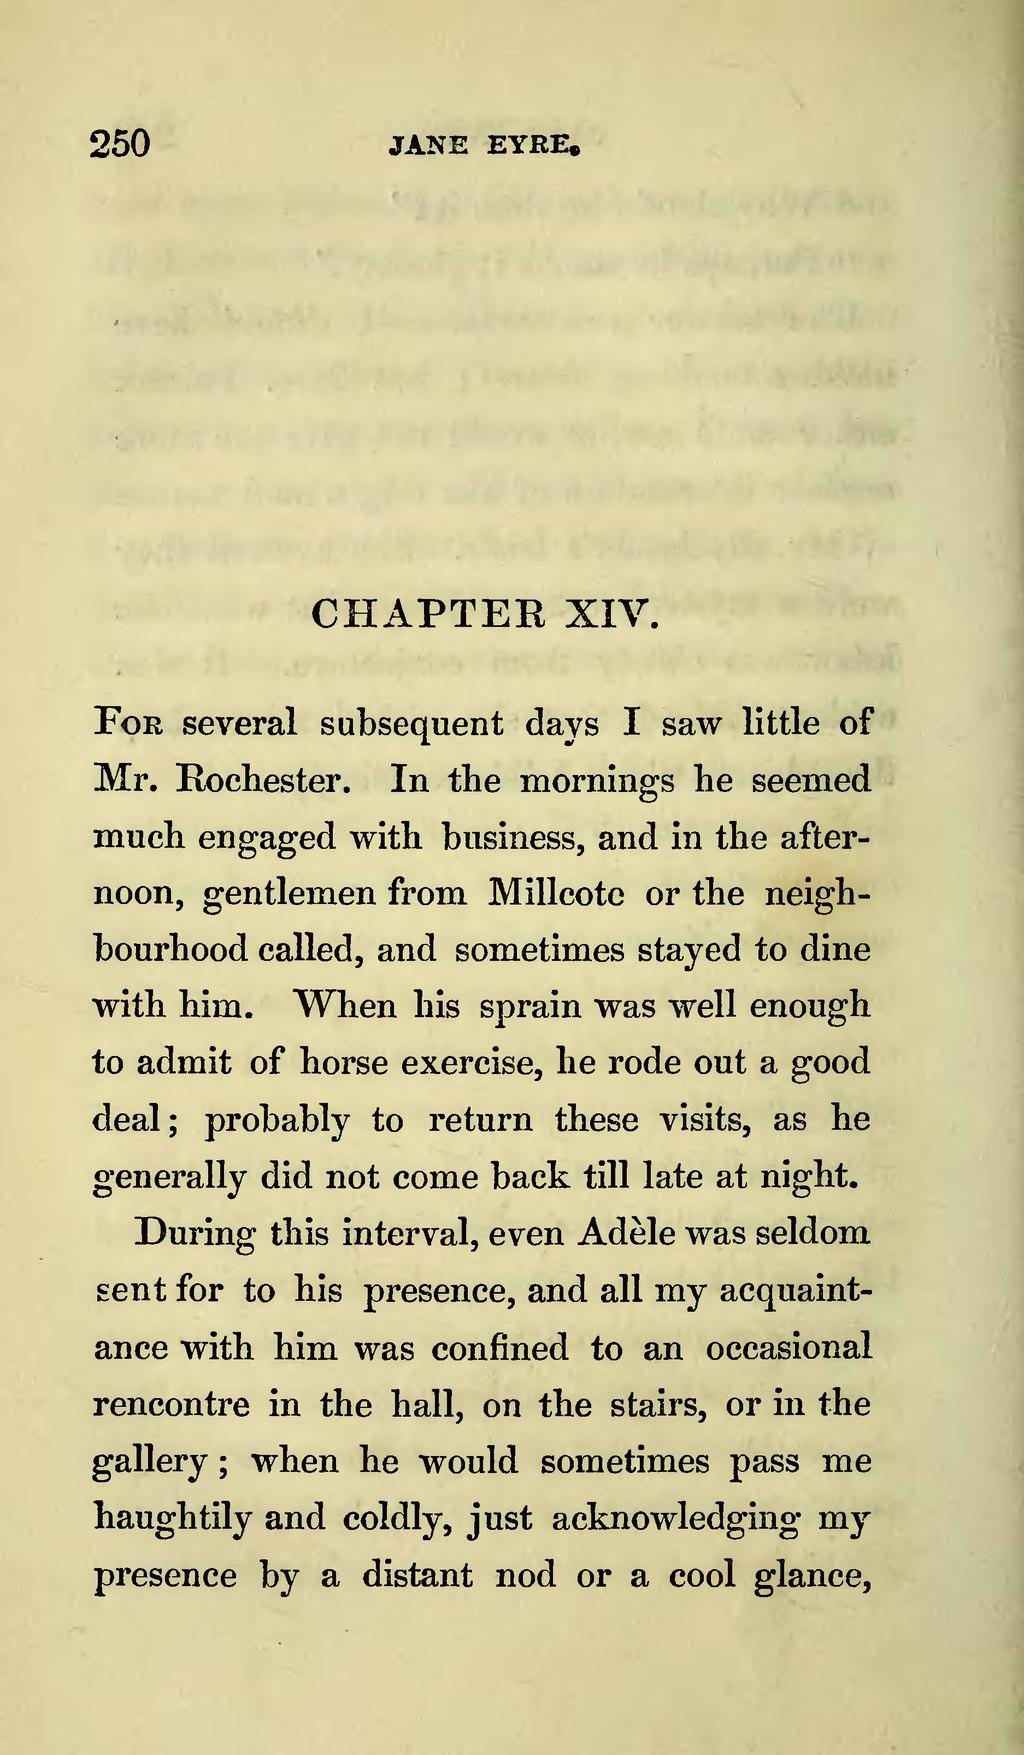 Jane Eyre rencontre Mr Rochester par le montant